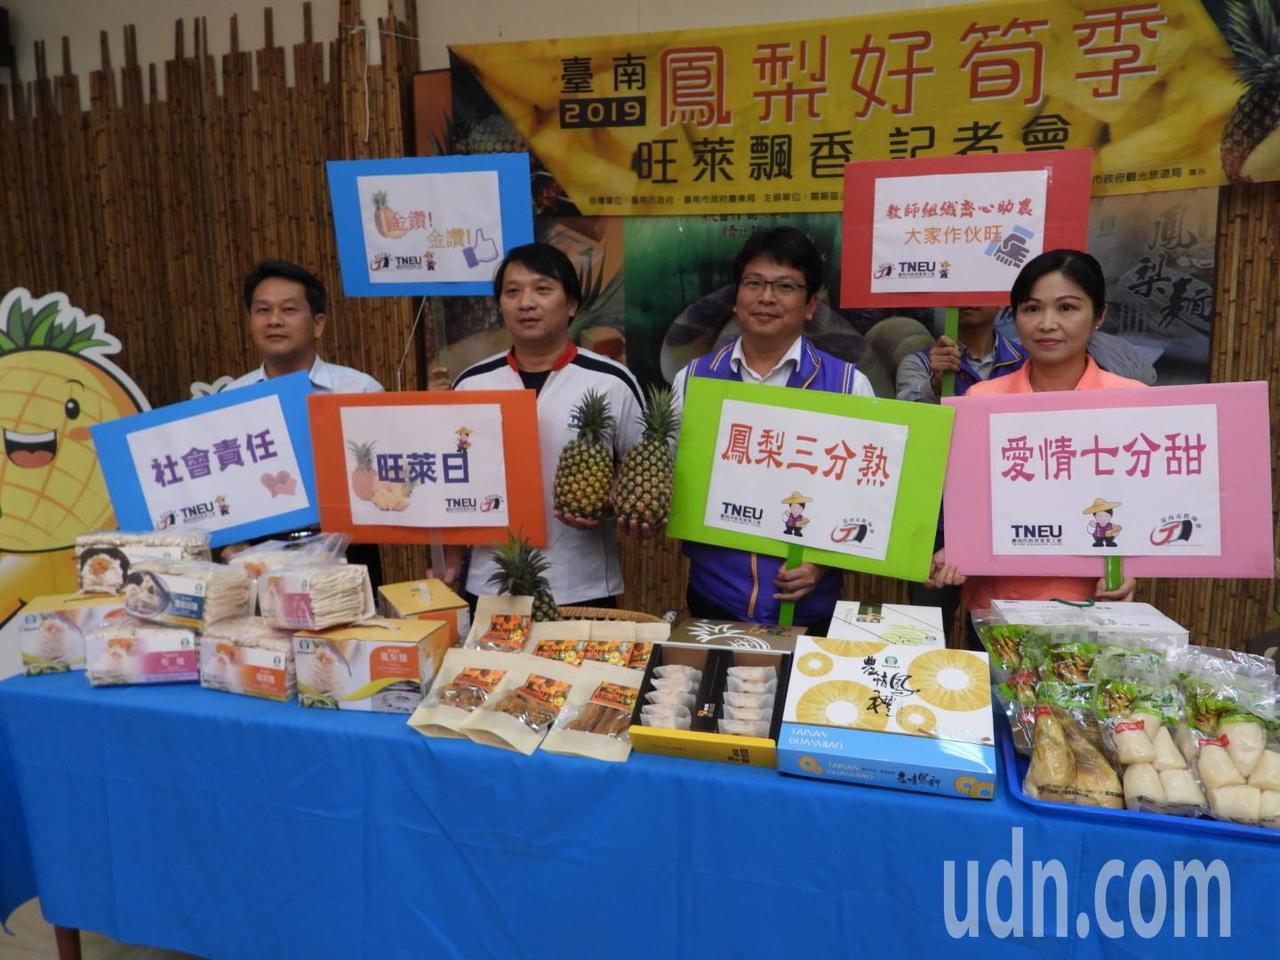 台南市議員許又仁邀請市府與台南市教育產業工會合作,號召全台教師與工會會員向產地農...